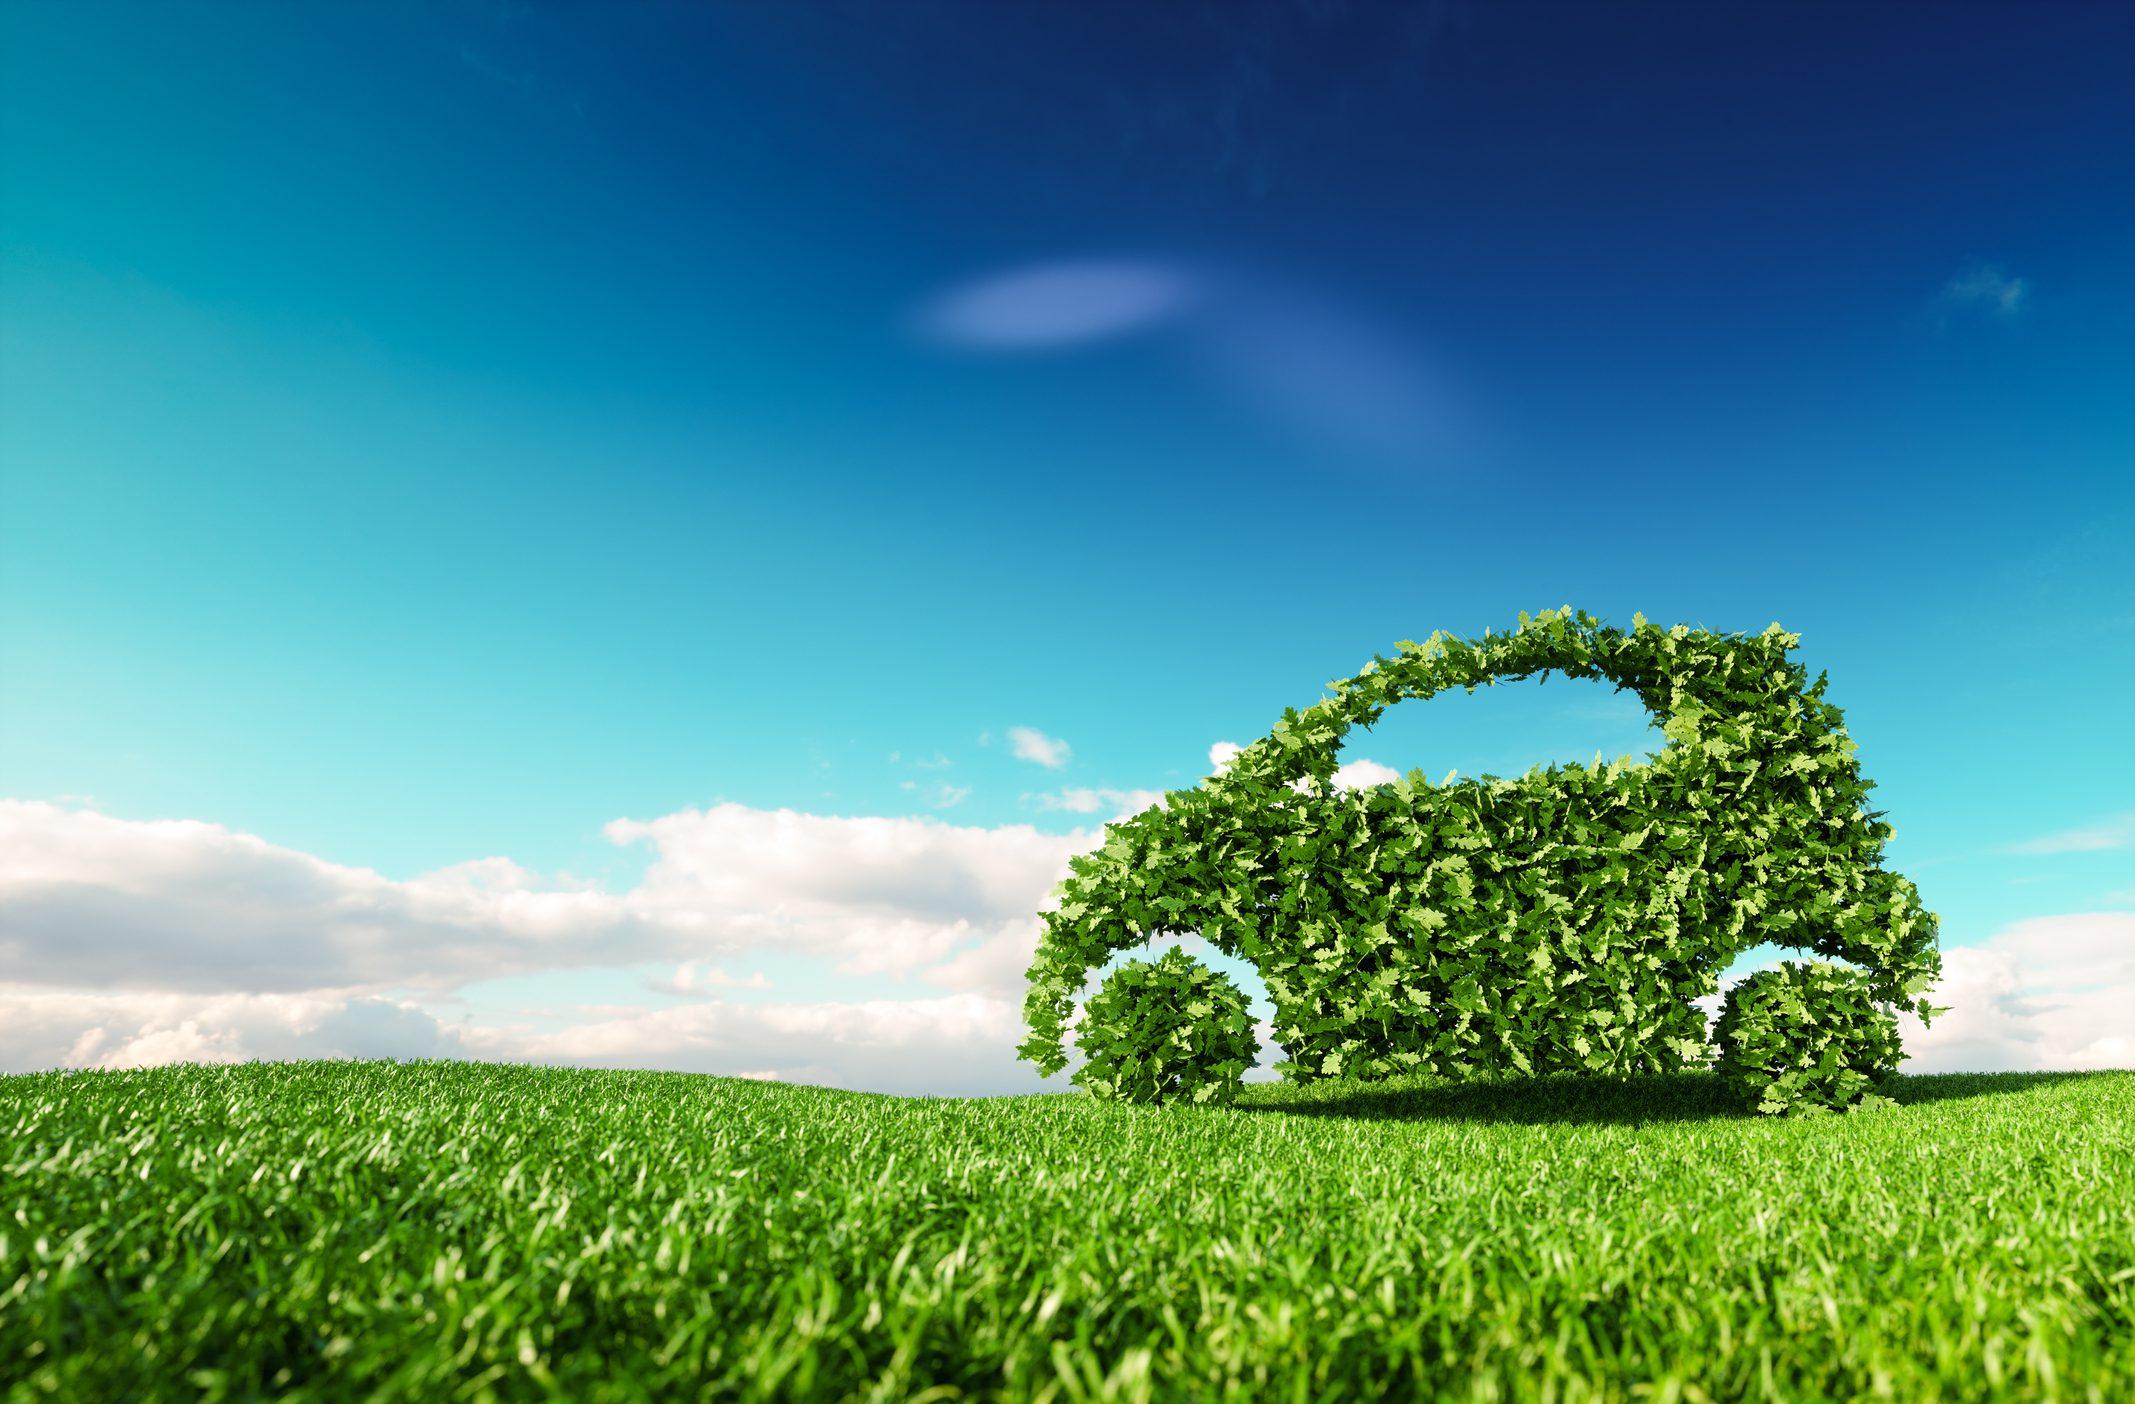 Oil&nonOil: trasporti e industria principali cluster su cui concentrare iniziative sviluppo idrogeno